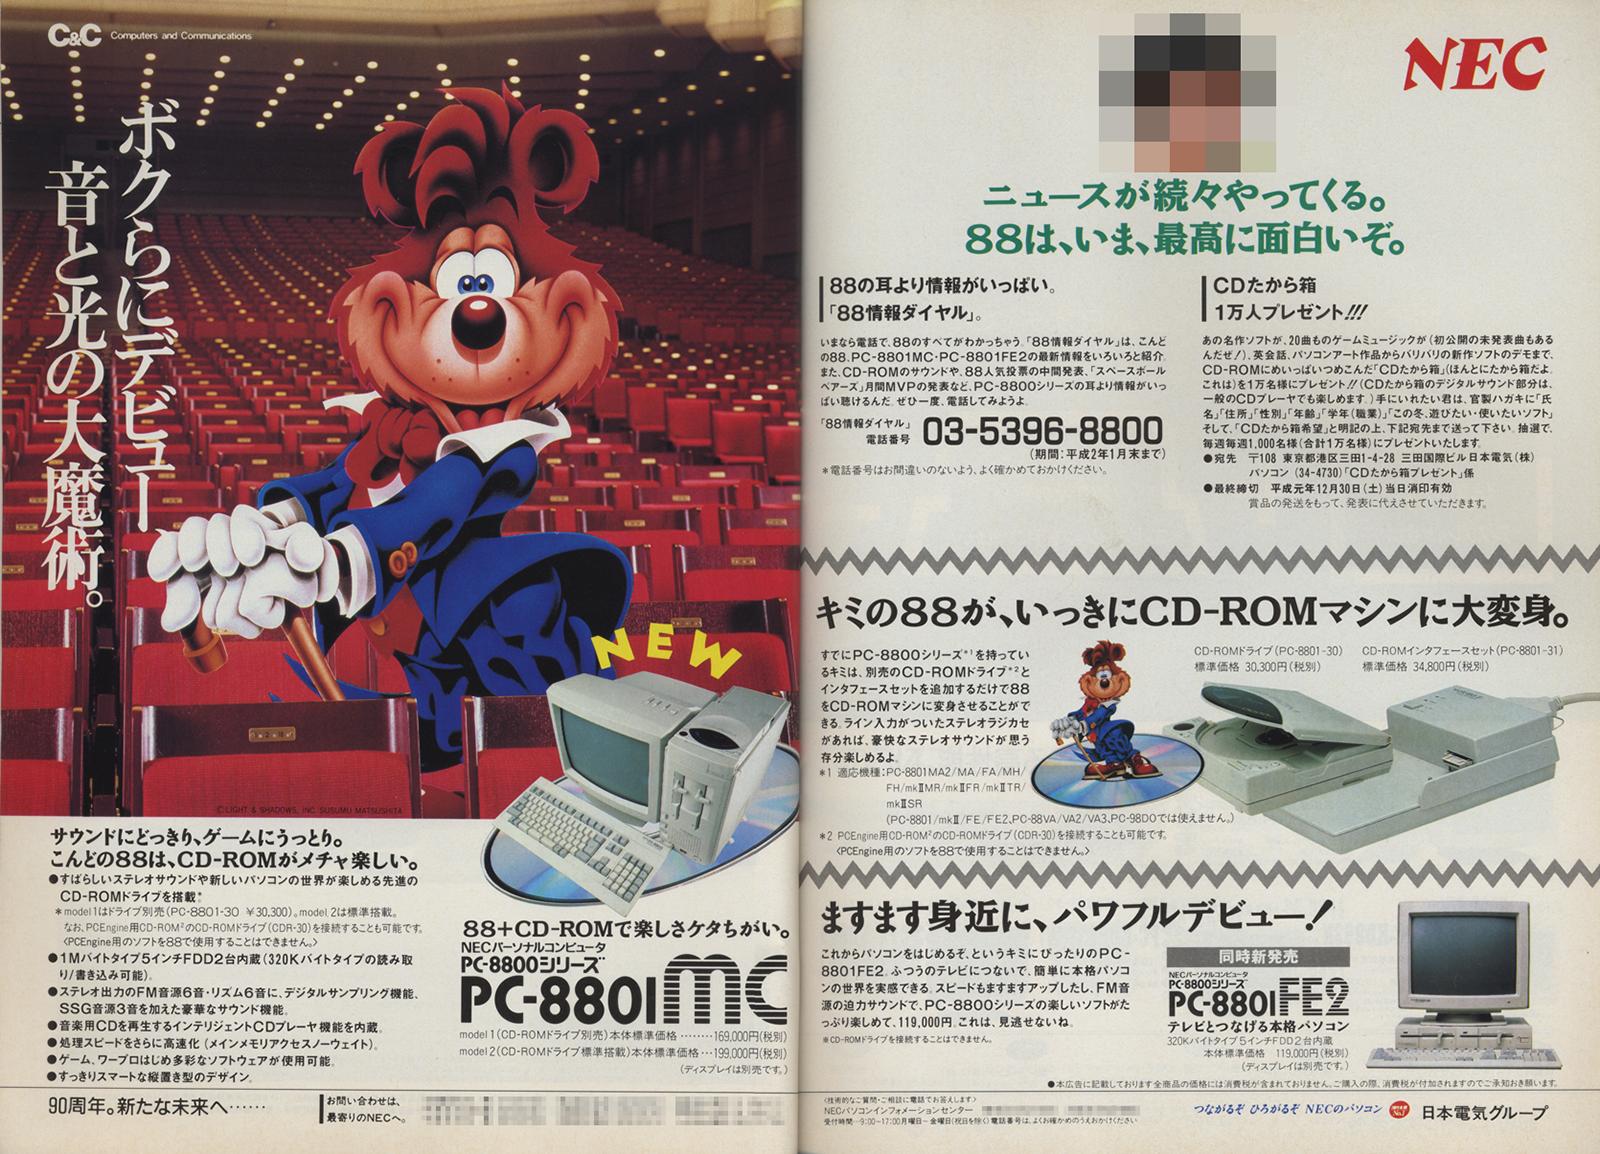 当時の広告ではPC-8801MCの宣伝だけでなく、20曲のゲームミュージックや英会話、パソコンアート作品、新作ソフトデモなどを収録した「CDたから箱」のプレゼント告知も行われていました。条件は特に無かったので「応募しておけば良かった……」と今更ながら思った人もいるかもしれません。